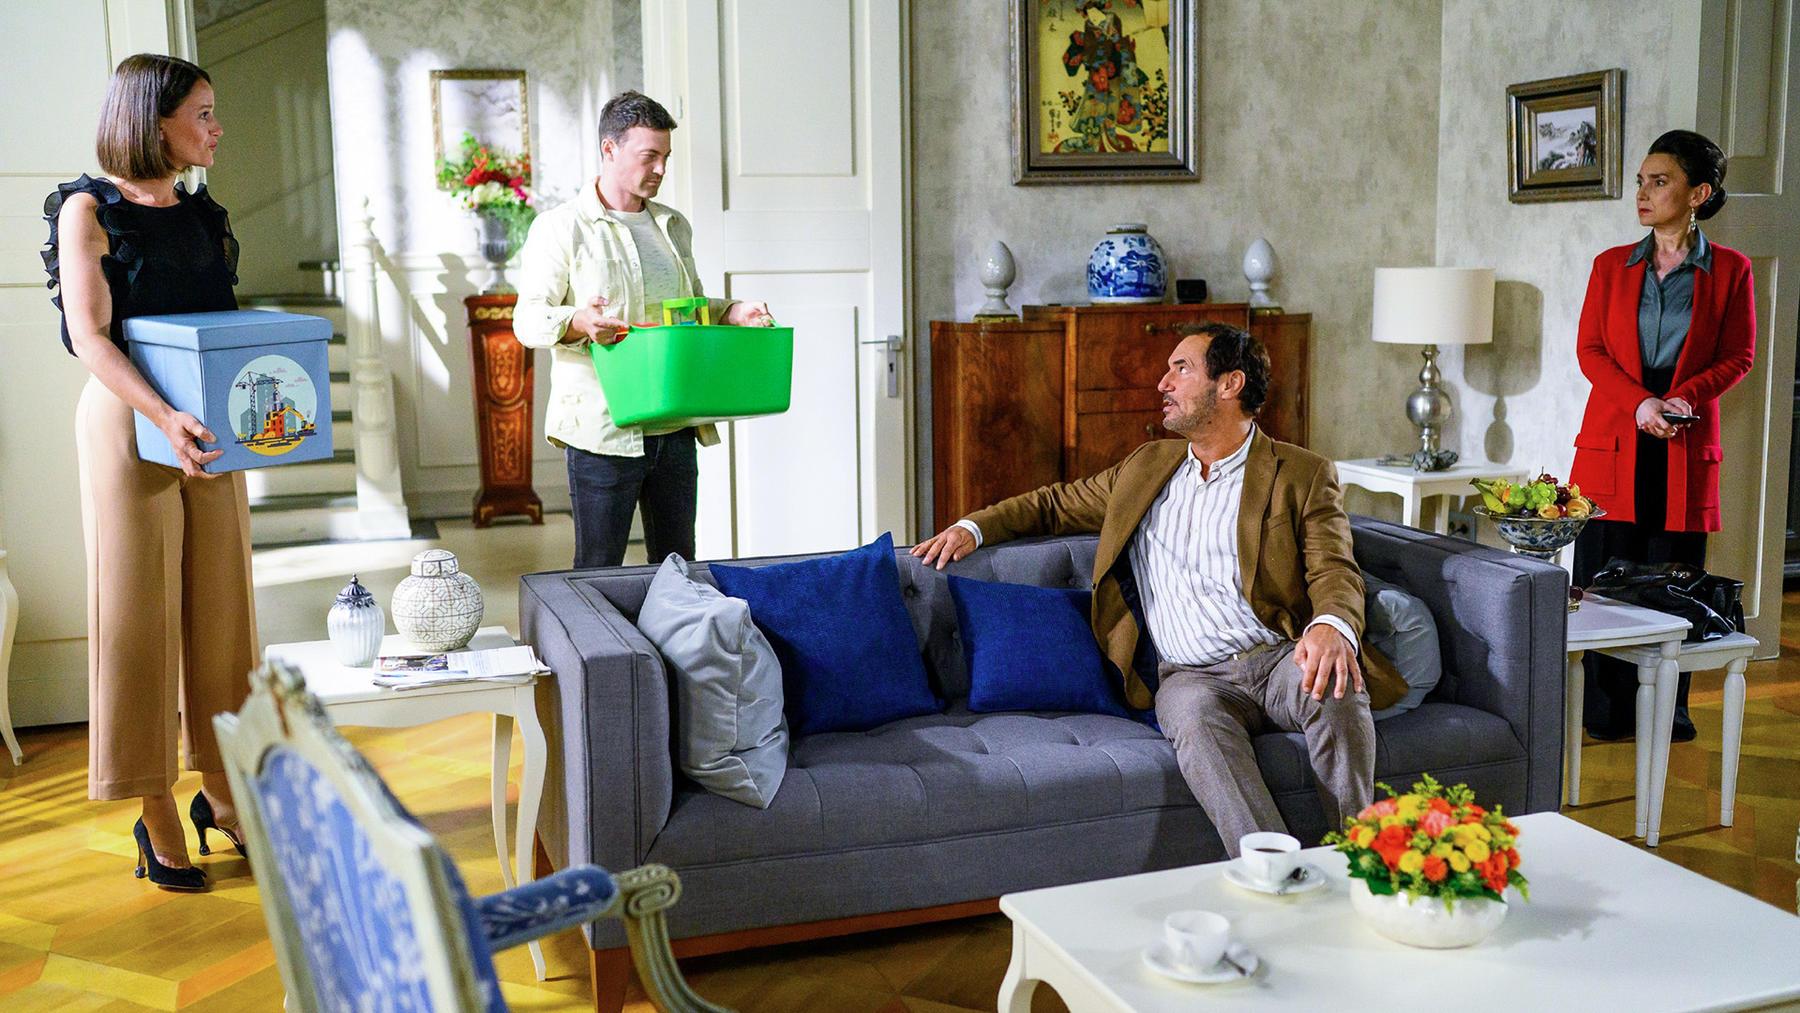 Simone und Richard stehen vor einer Entscheidung